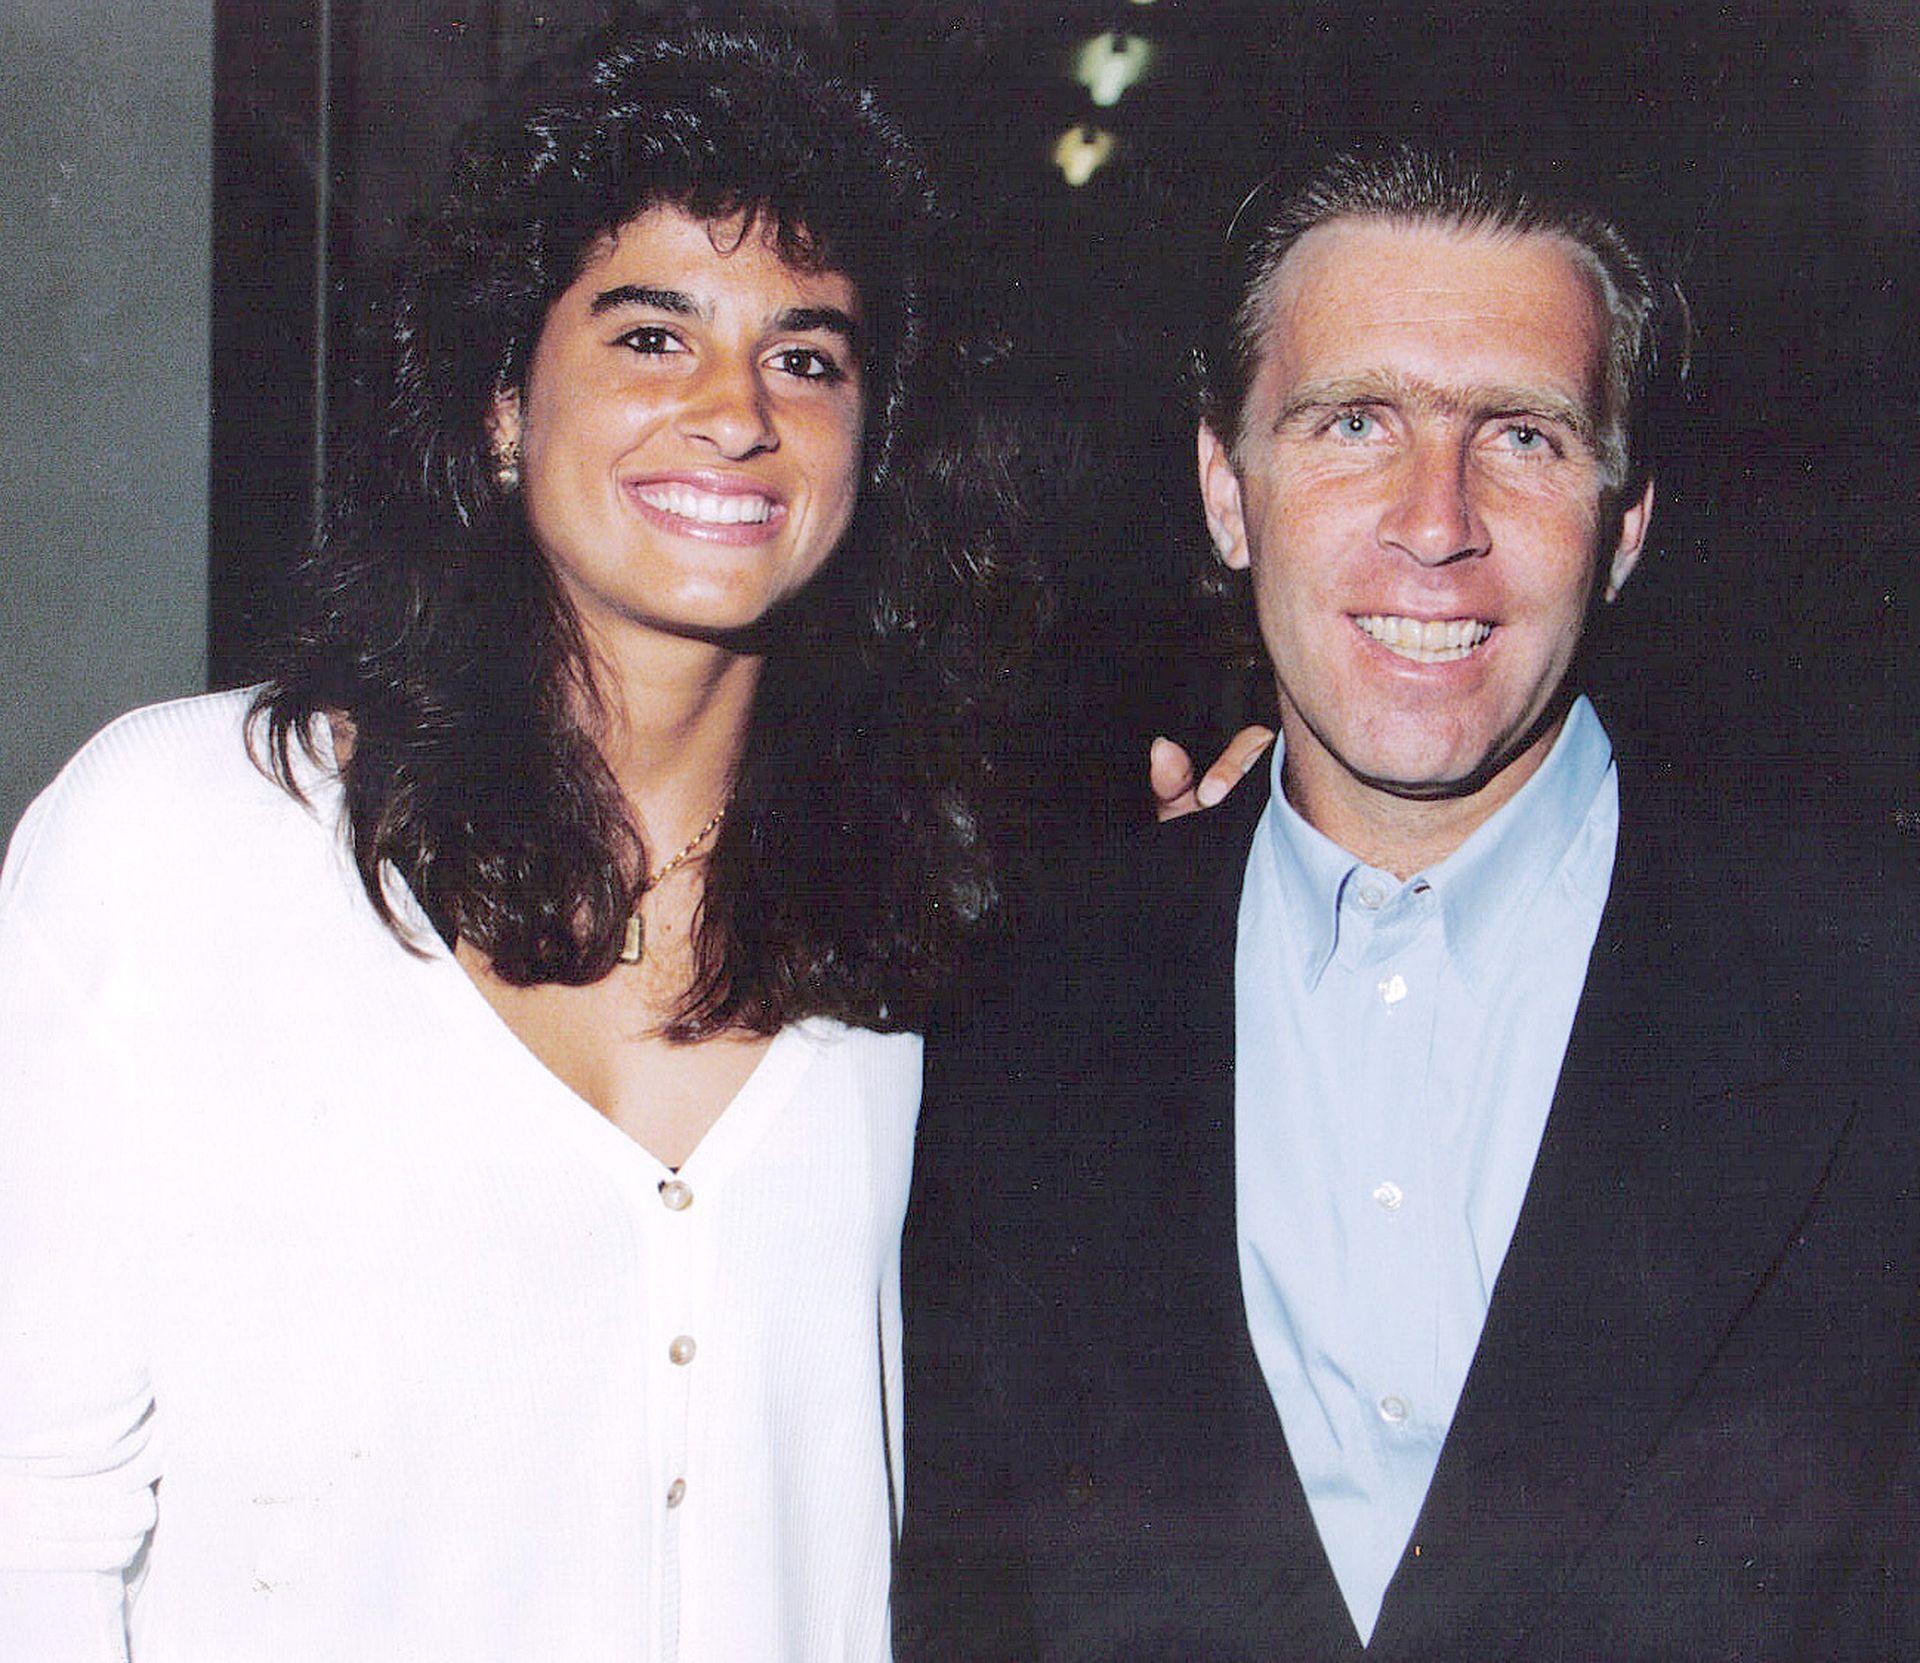 22) El brasileño Carlos Kirmayr fue el entrenador que más potenció a Sabatini en el profesionalismo. Comenzaron a trabajar juntos en Wimbledon 1990 (Gaby se hizo más ofensiva y llegó a las semifinales) y ese año la argentina logró el US Open.